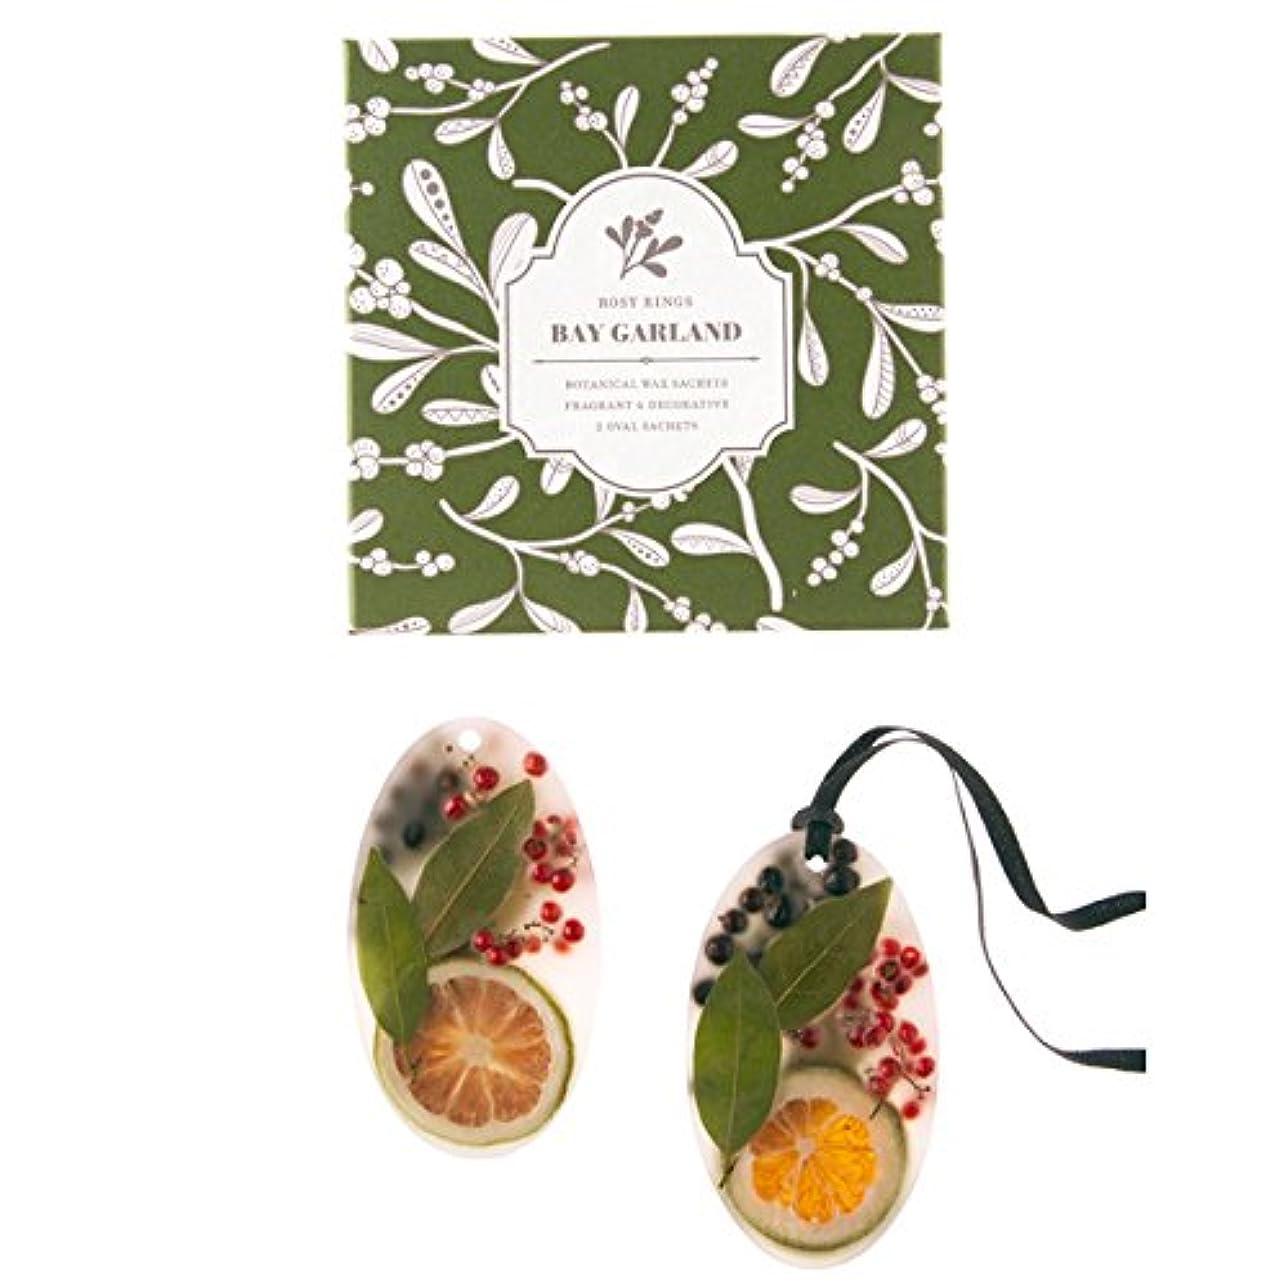 余裕があるウォーターフロント週間ロージーリングス ボタニカルワックスサシェ オーバル ベイガーランド ROSY RINGS Signature Collection Botanical Wax Sachets – Bay Garland